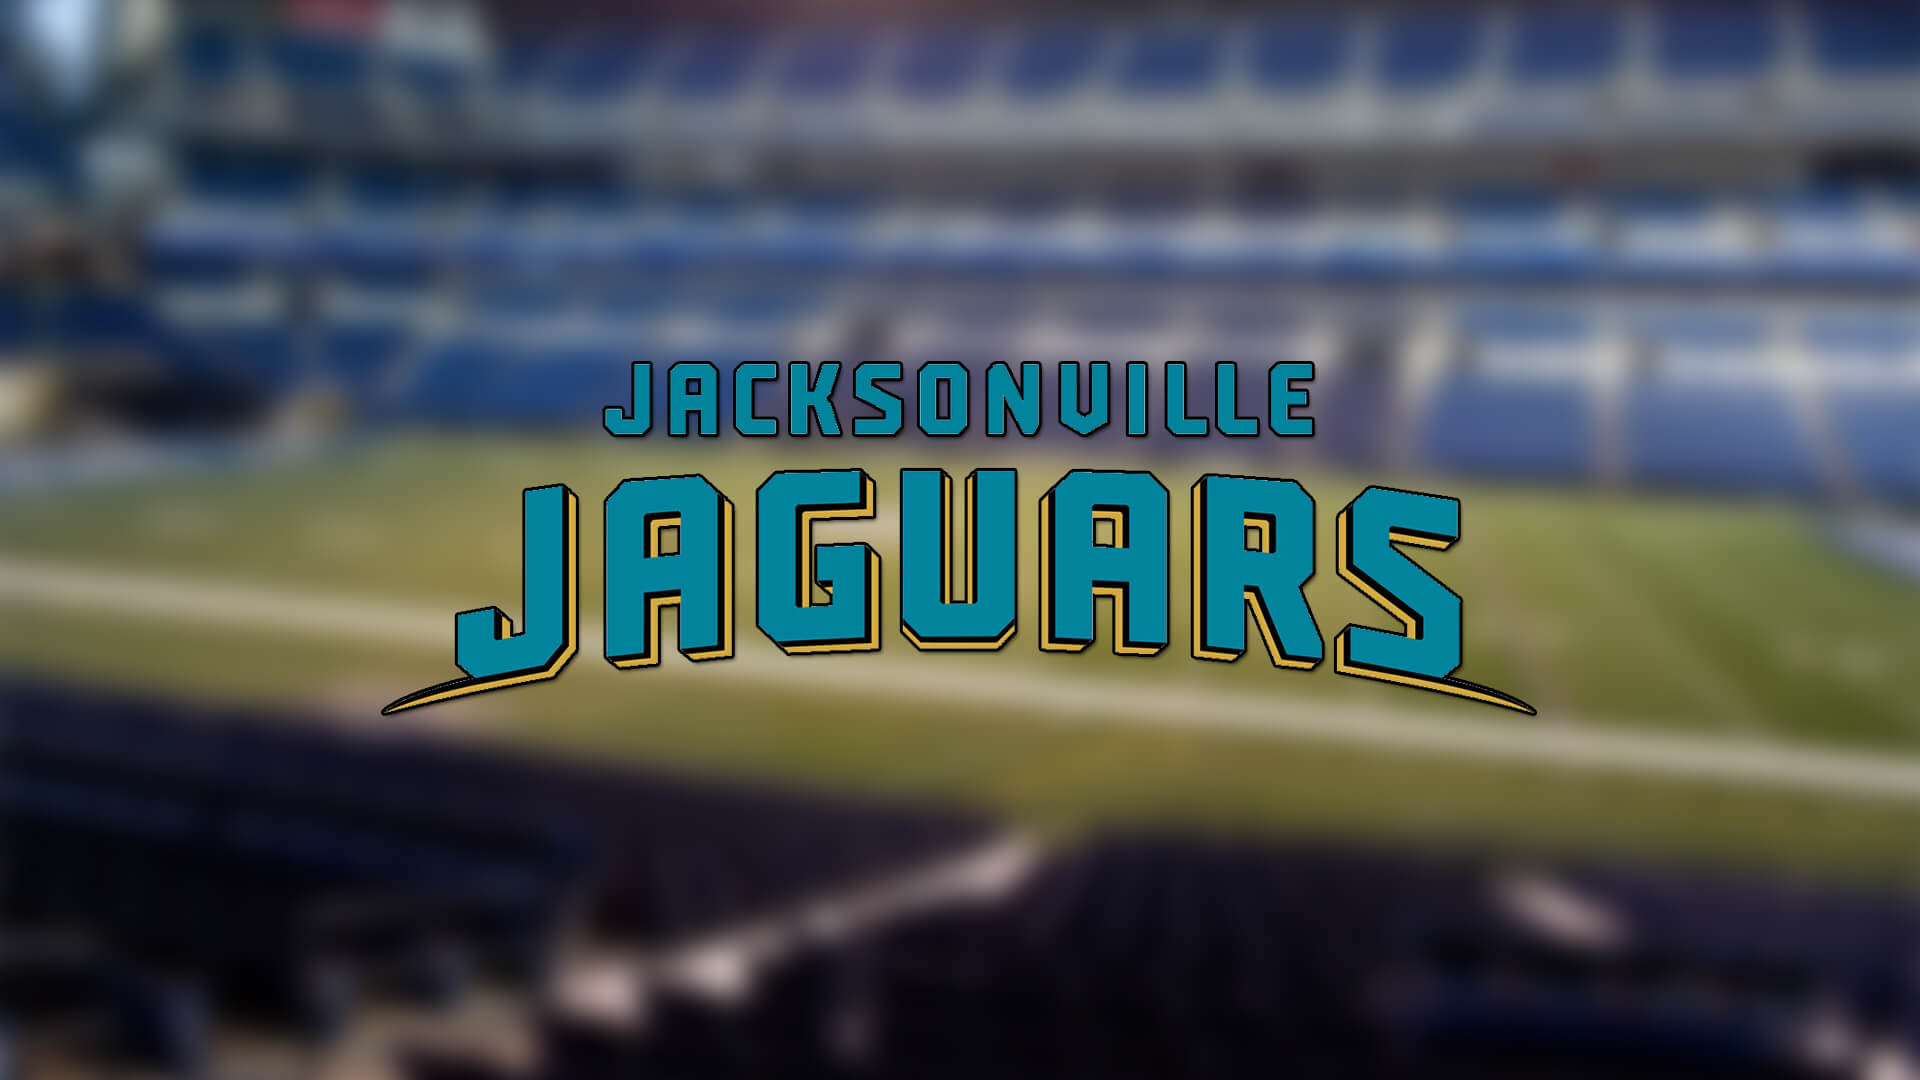 Jacksonville Jaguars, Laviska Shenault ile Anlaşma İmzalıyor | Korumalı Futbol Türkiye